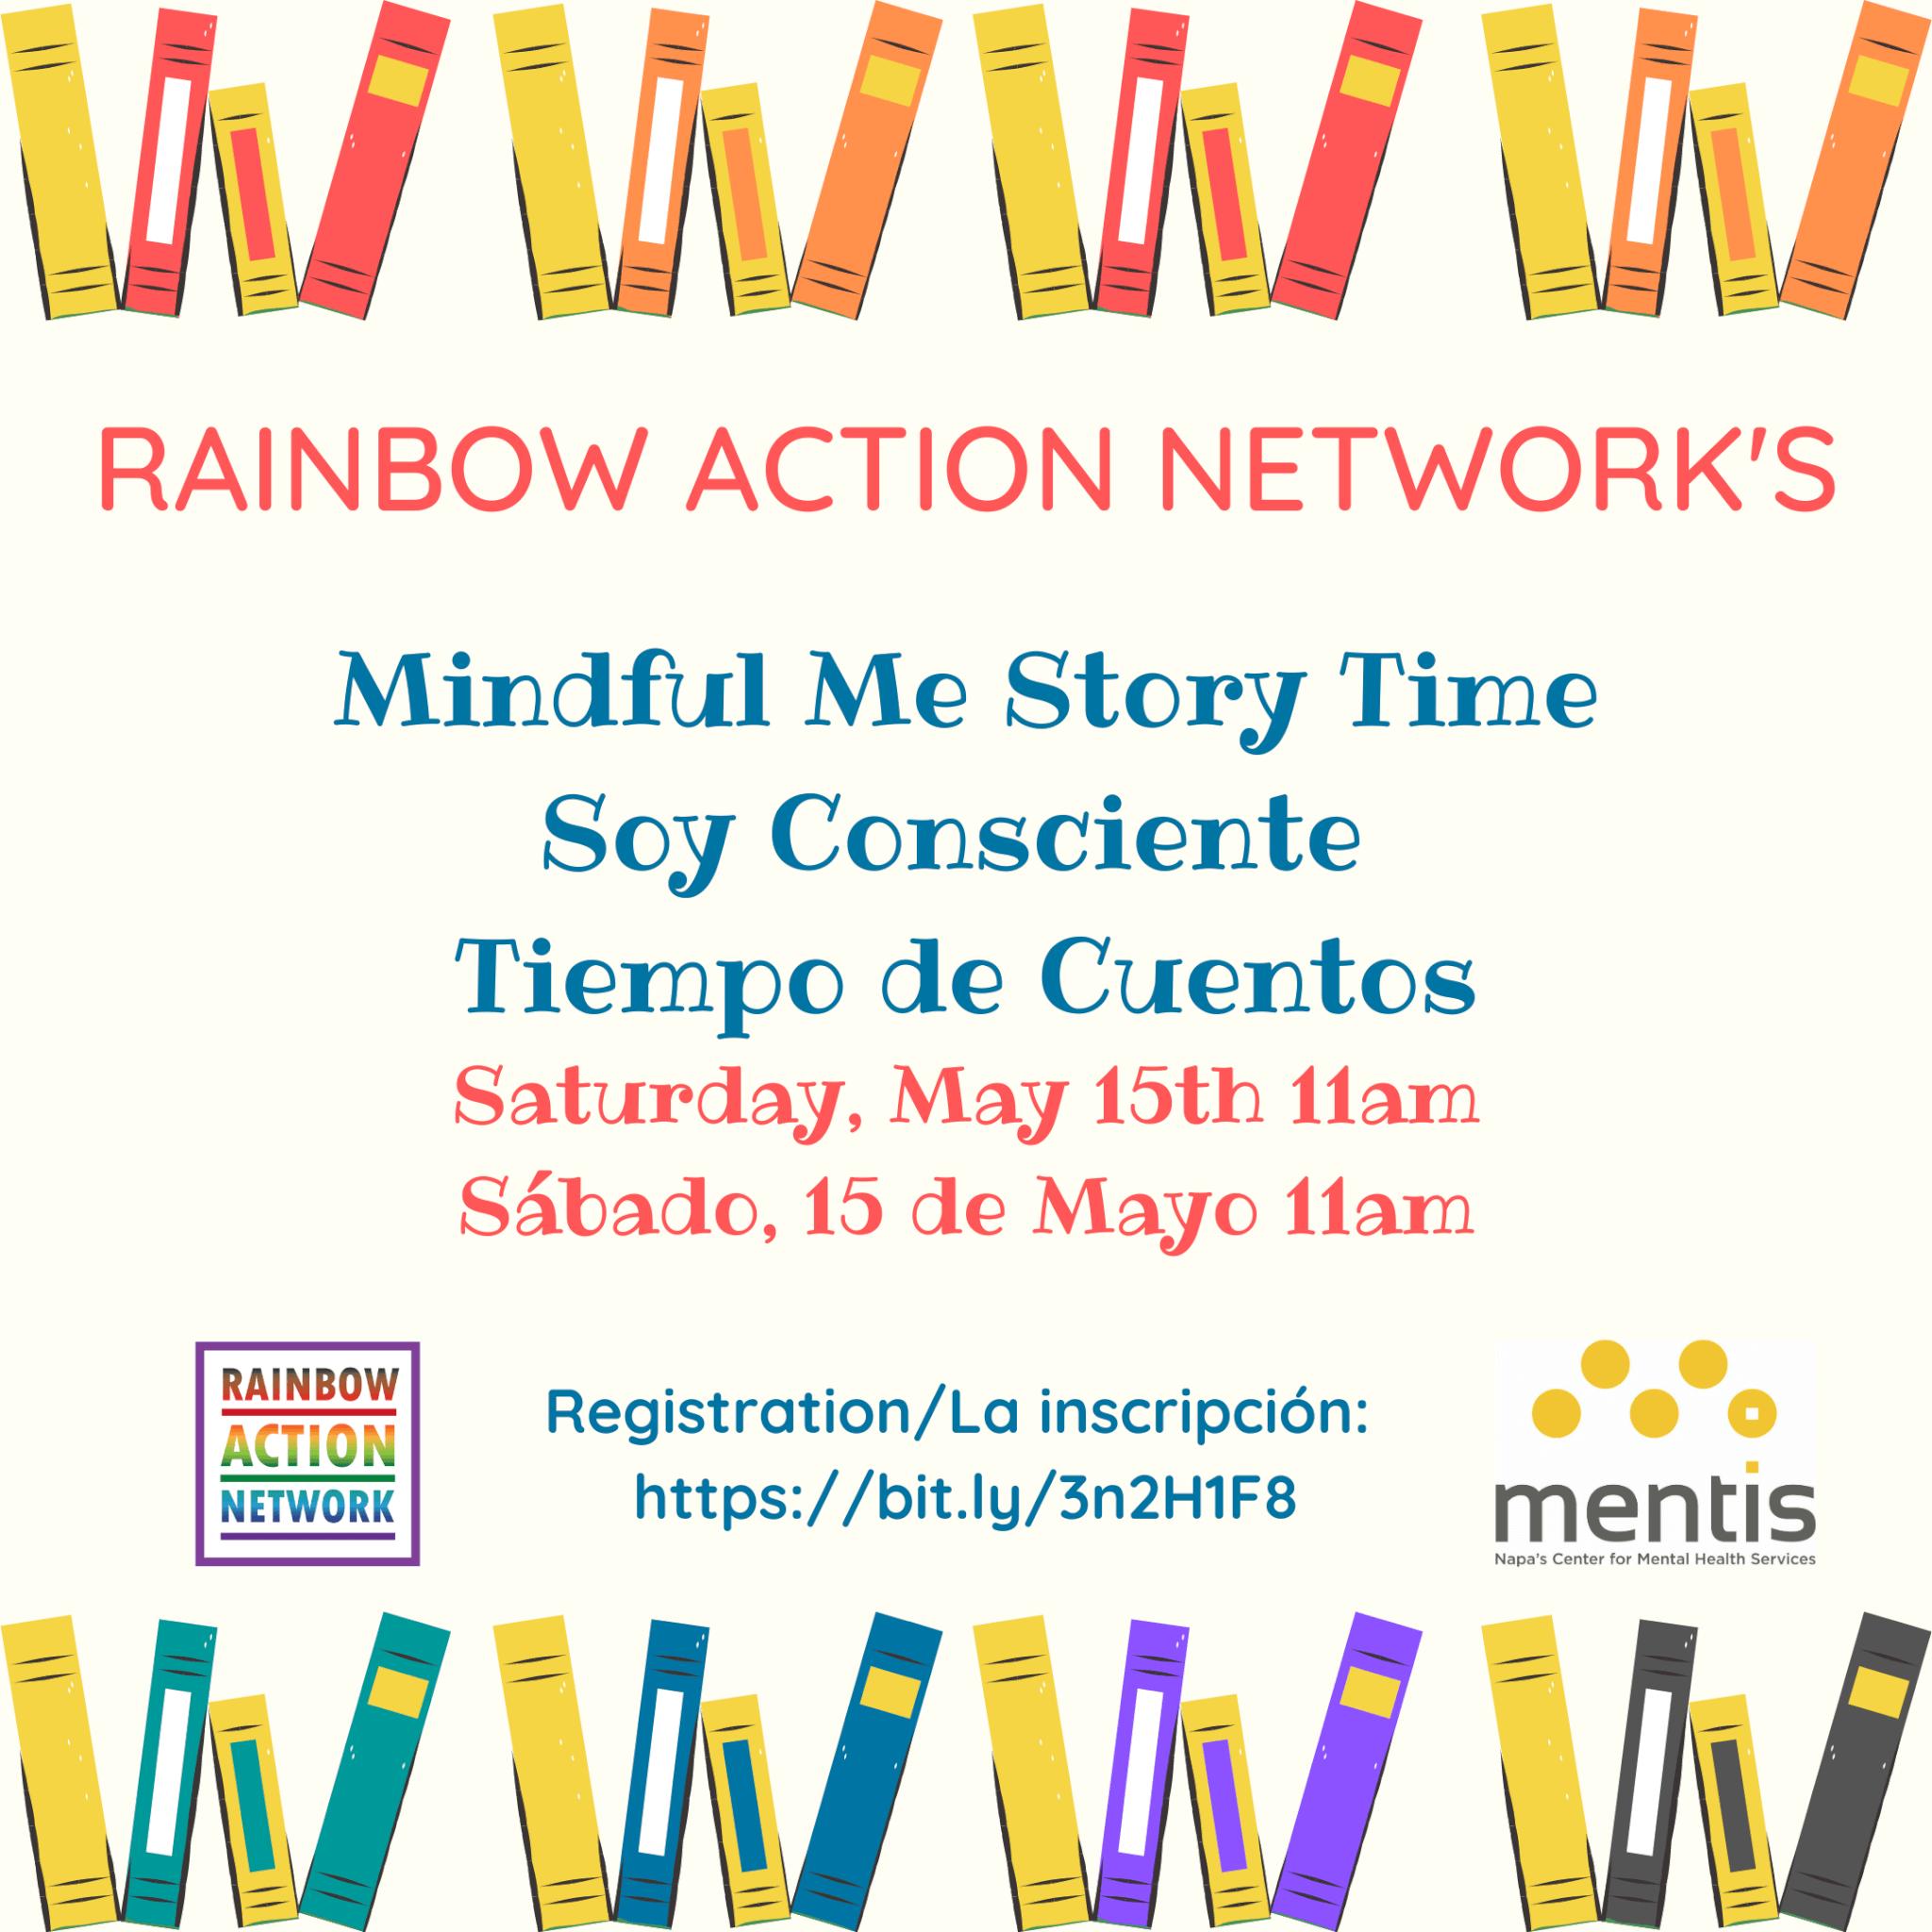 Mindful Me Story Time/Soy Conciente Tiempo de Cuentos